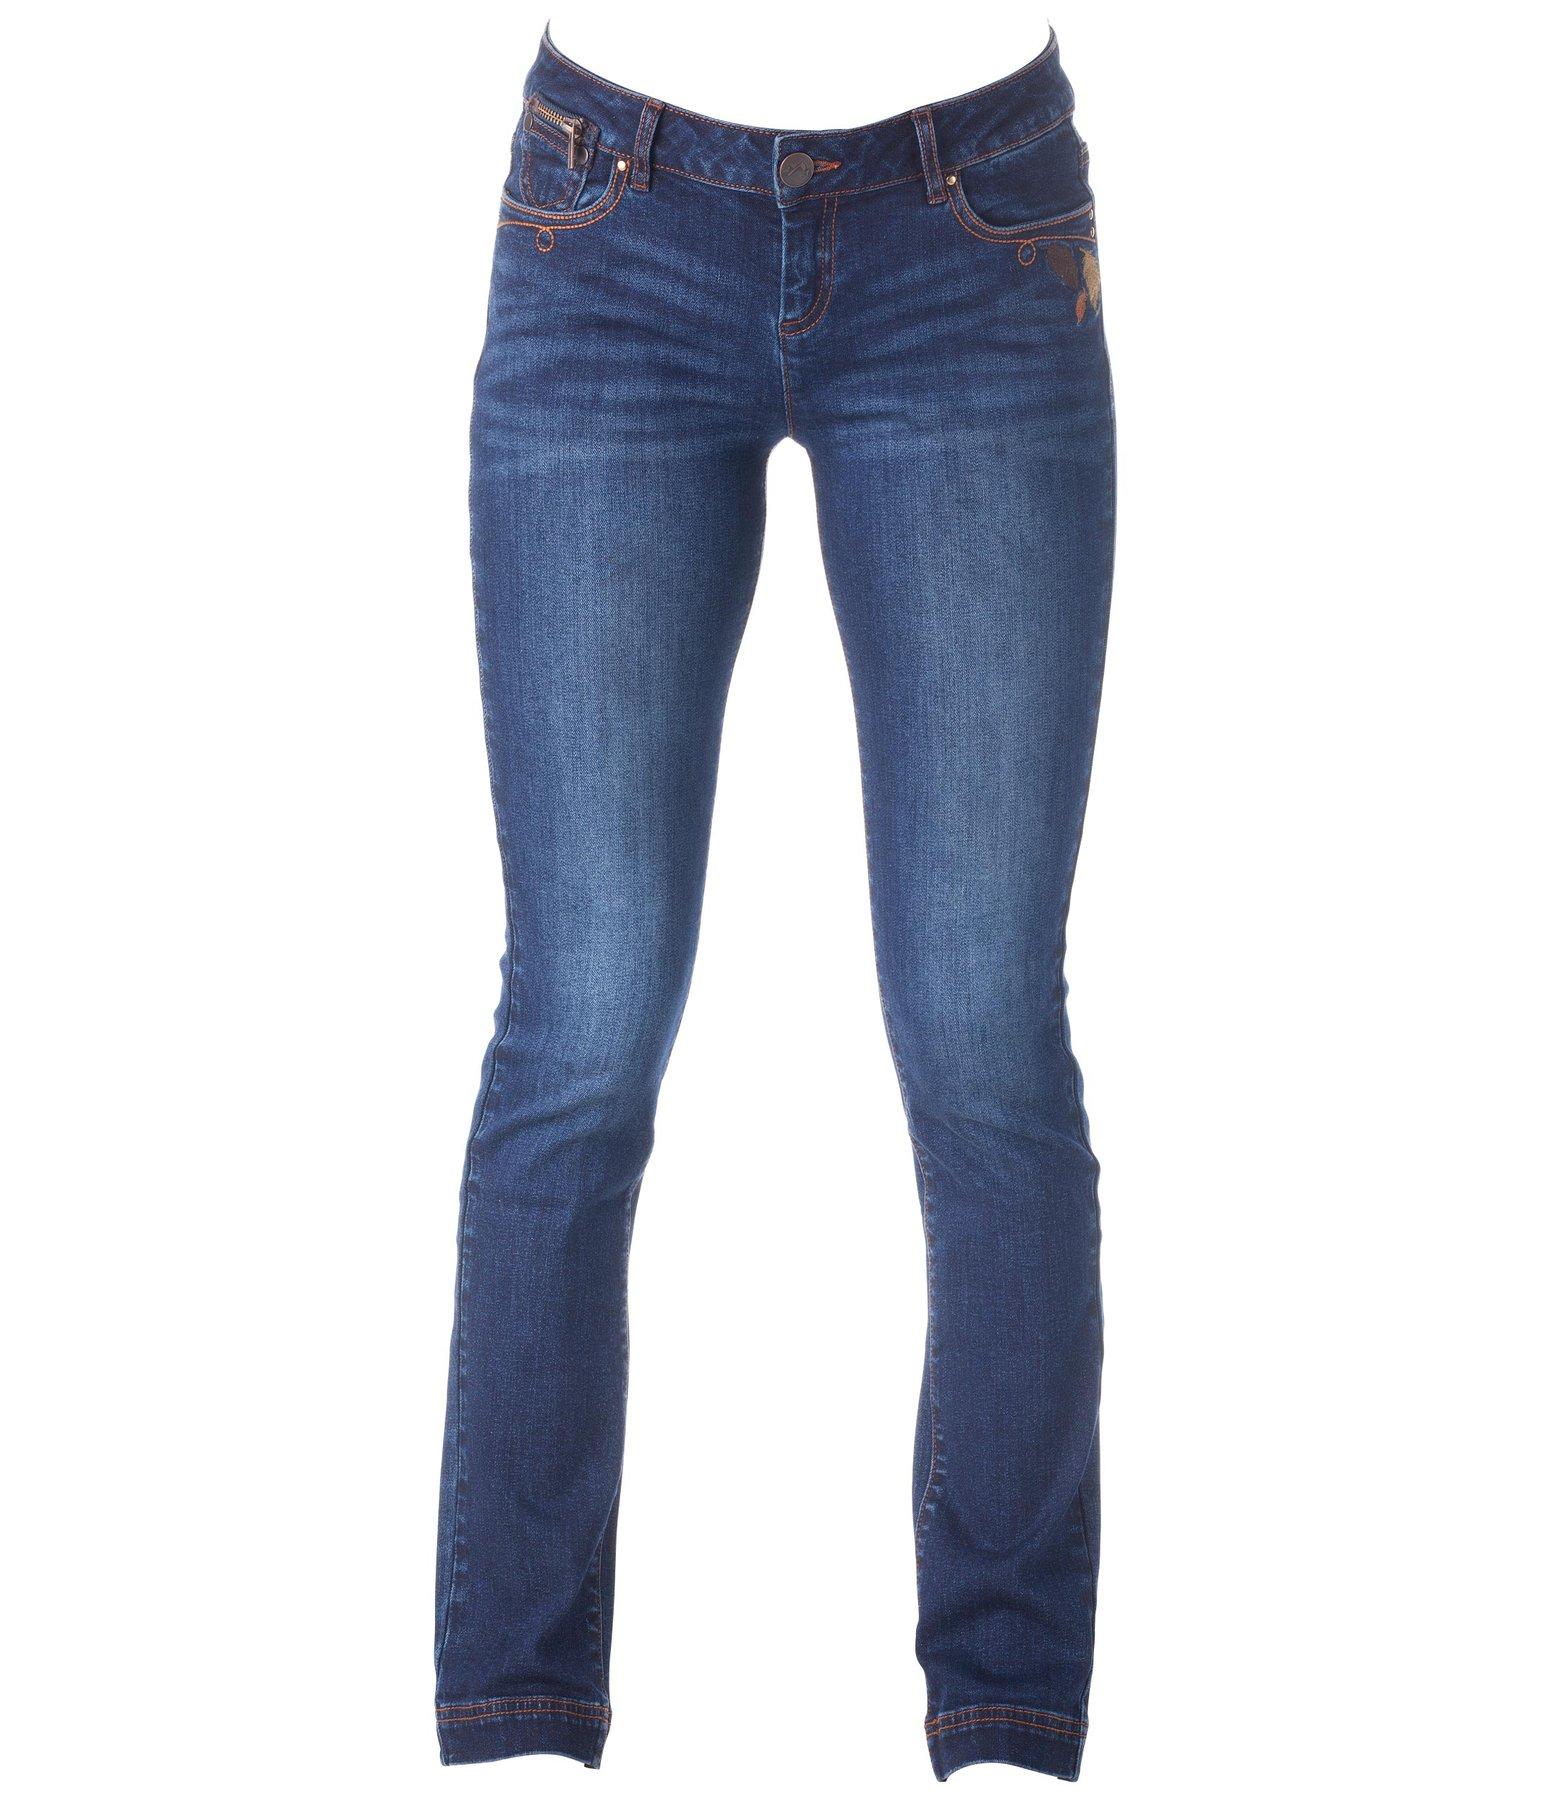 jeans gentle amy jeans pour femme kramer equitation. Black Bedroom Furniture Sets. Home Design Ideas